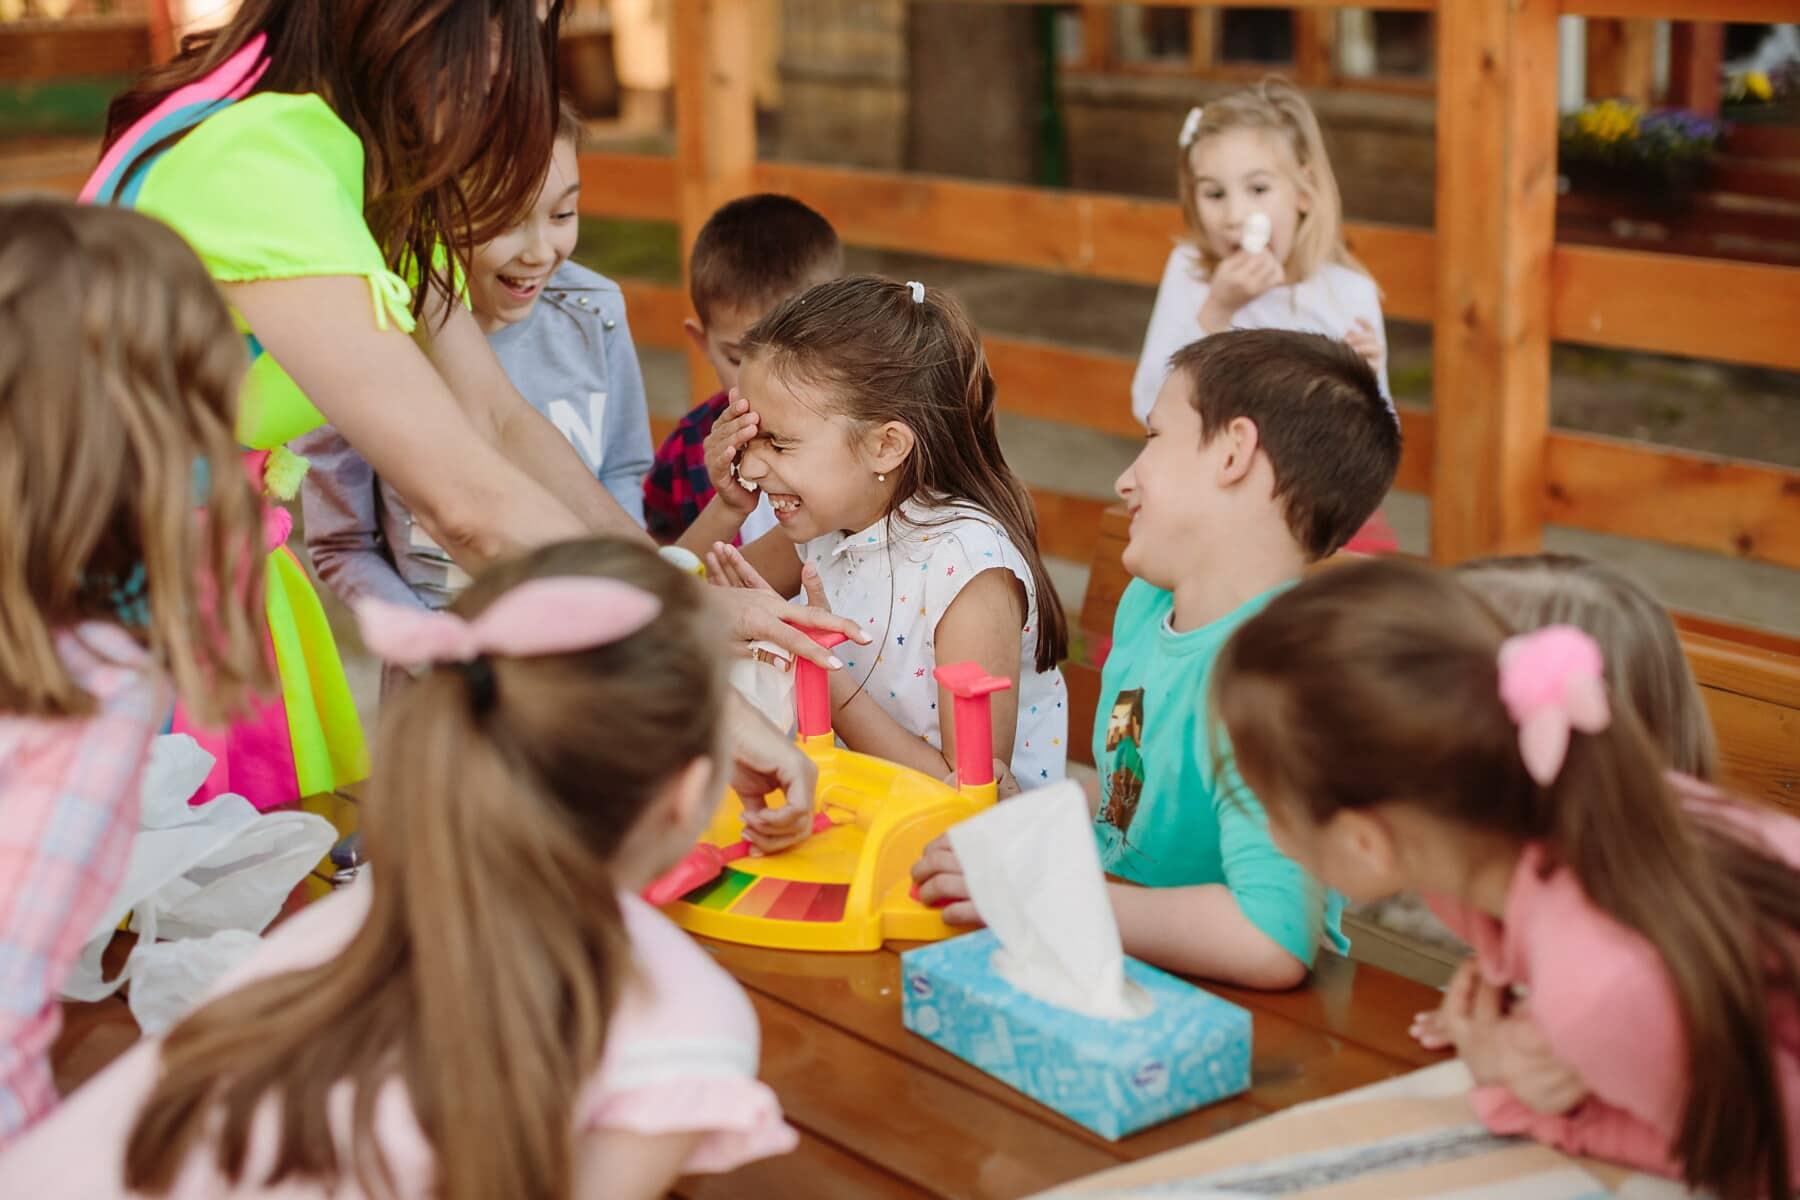 Födelsedag, skolan barn, skolpojke, Skolflicka, parti, underhållning, rolig, grupp, barn, barn